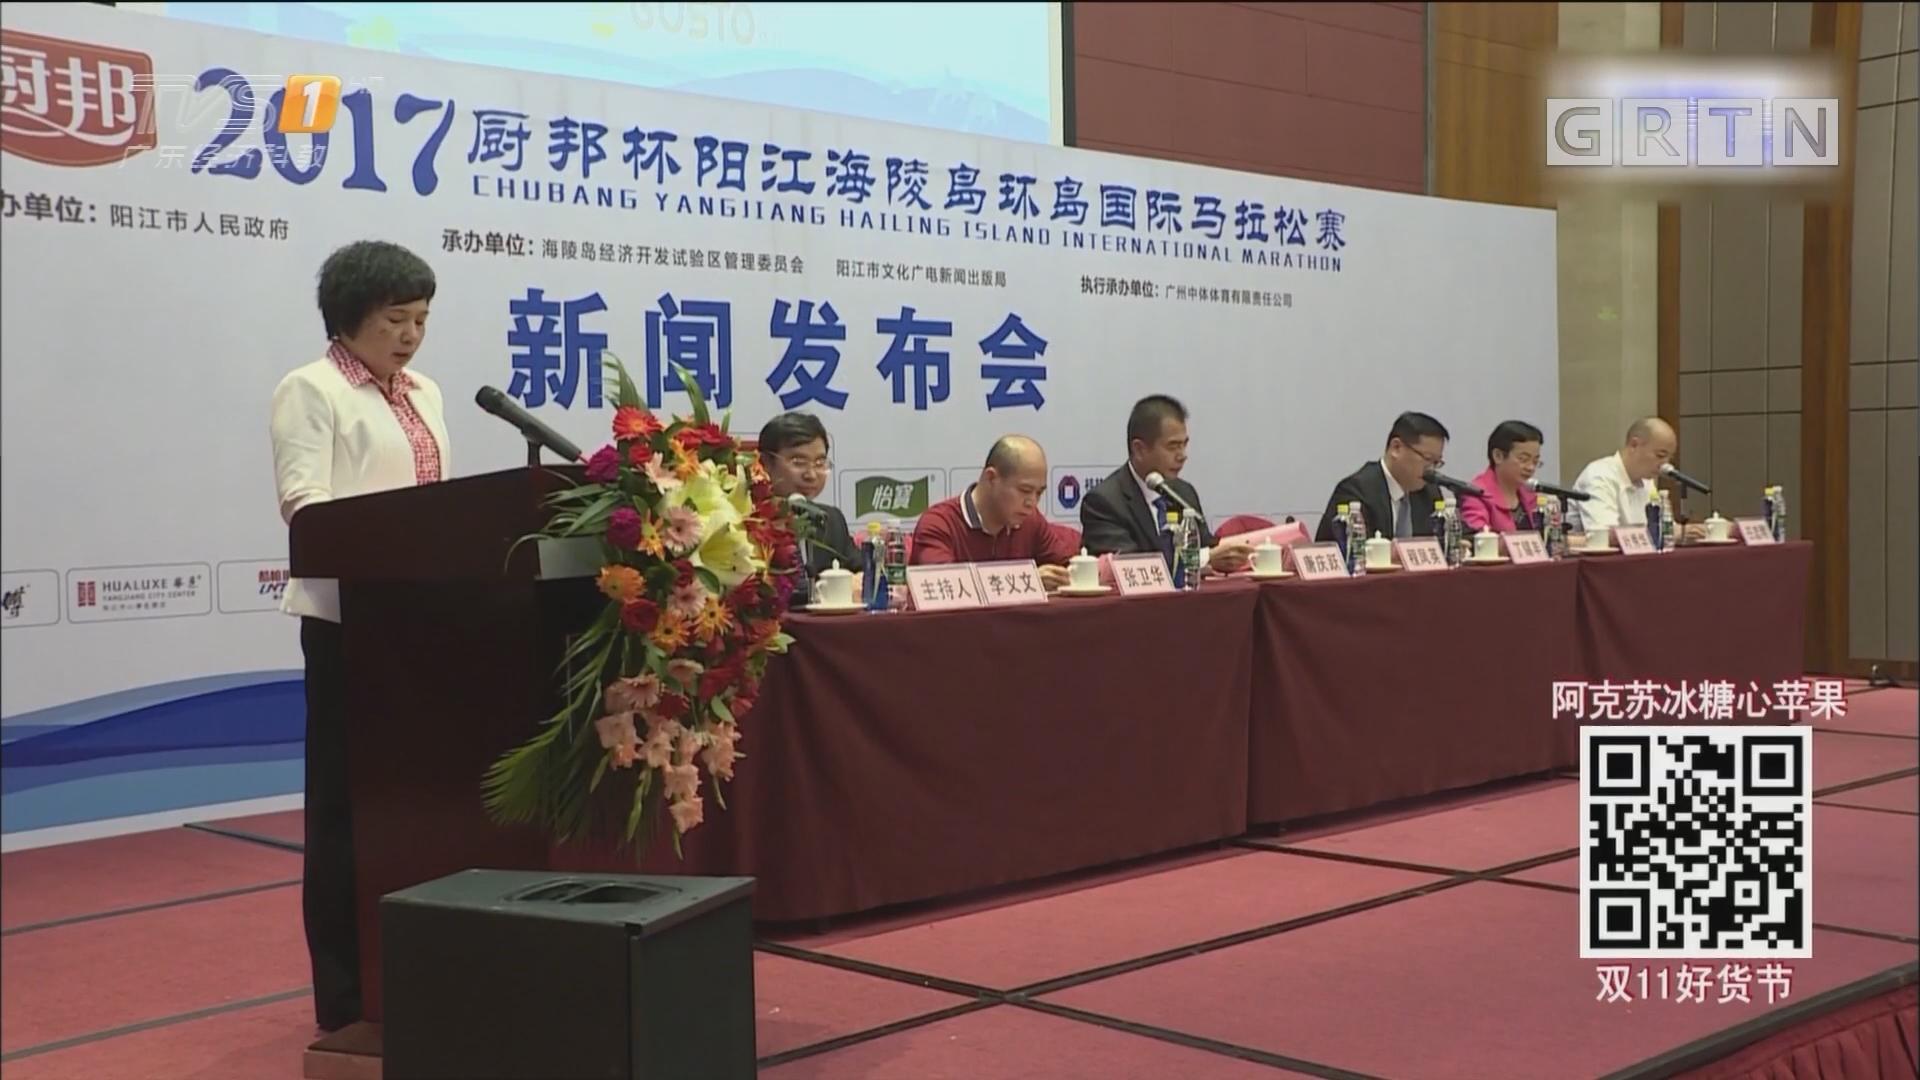 11月26日 阳江海陵岛环岛国际马拉松鸣枪开跑